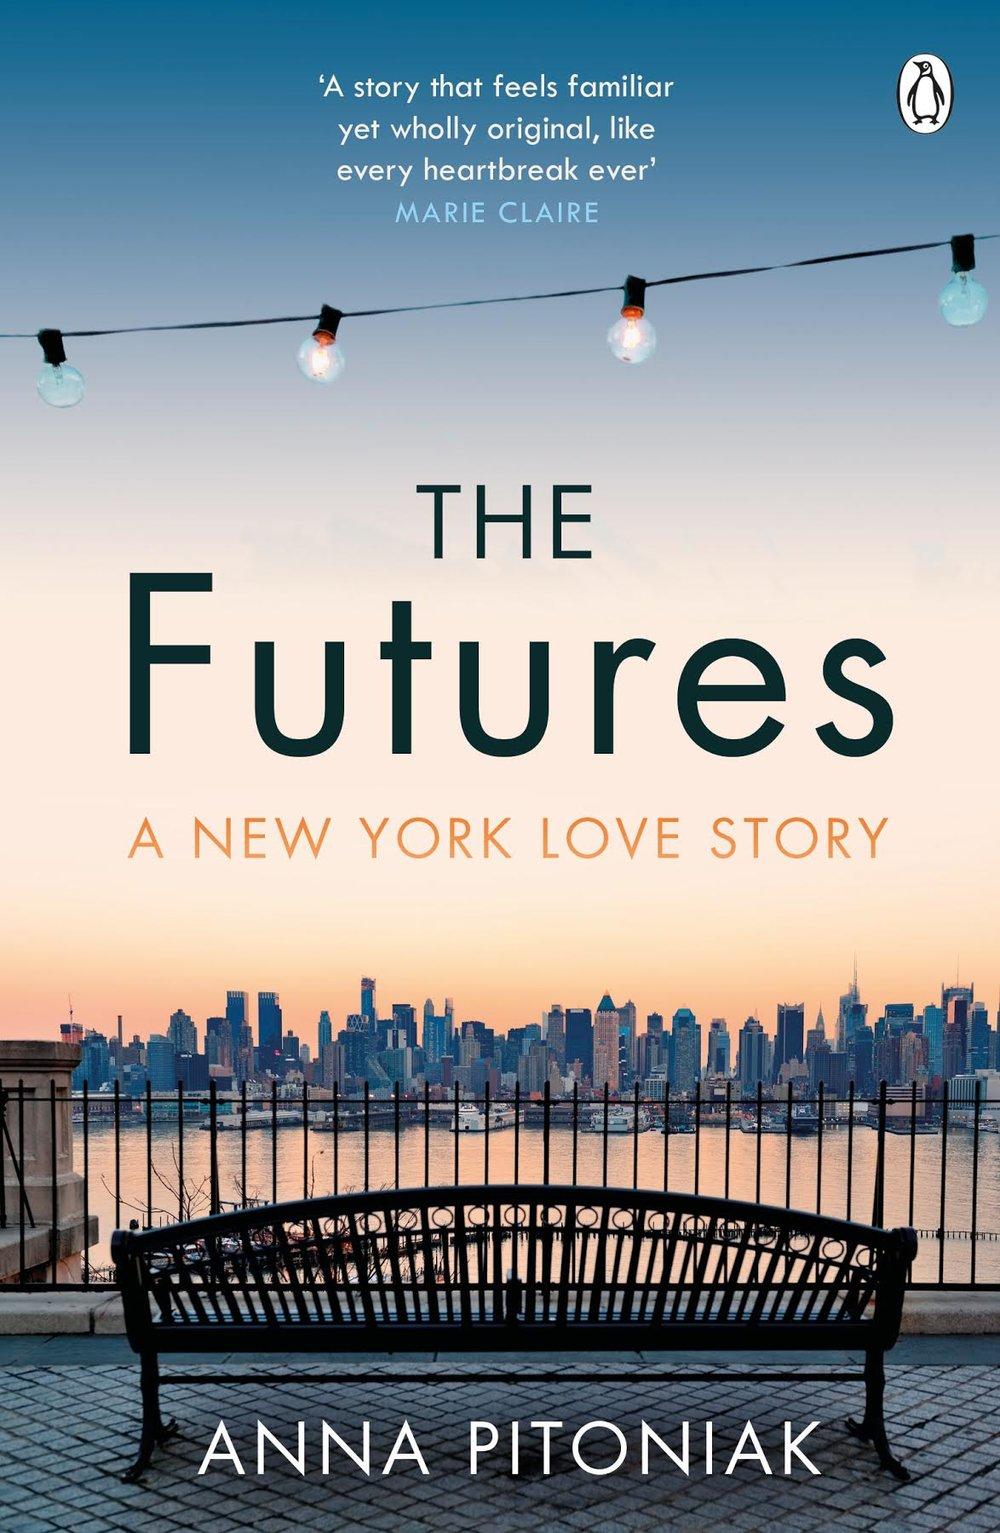 futures_paperback_uk.jpg